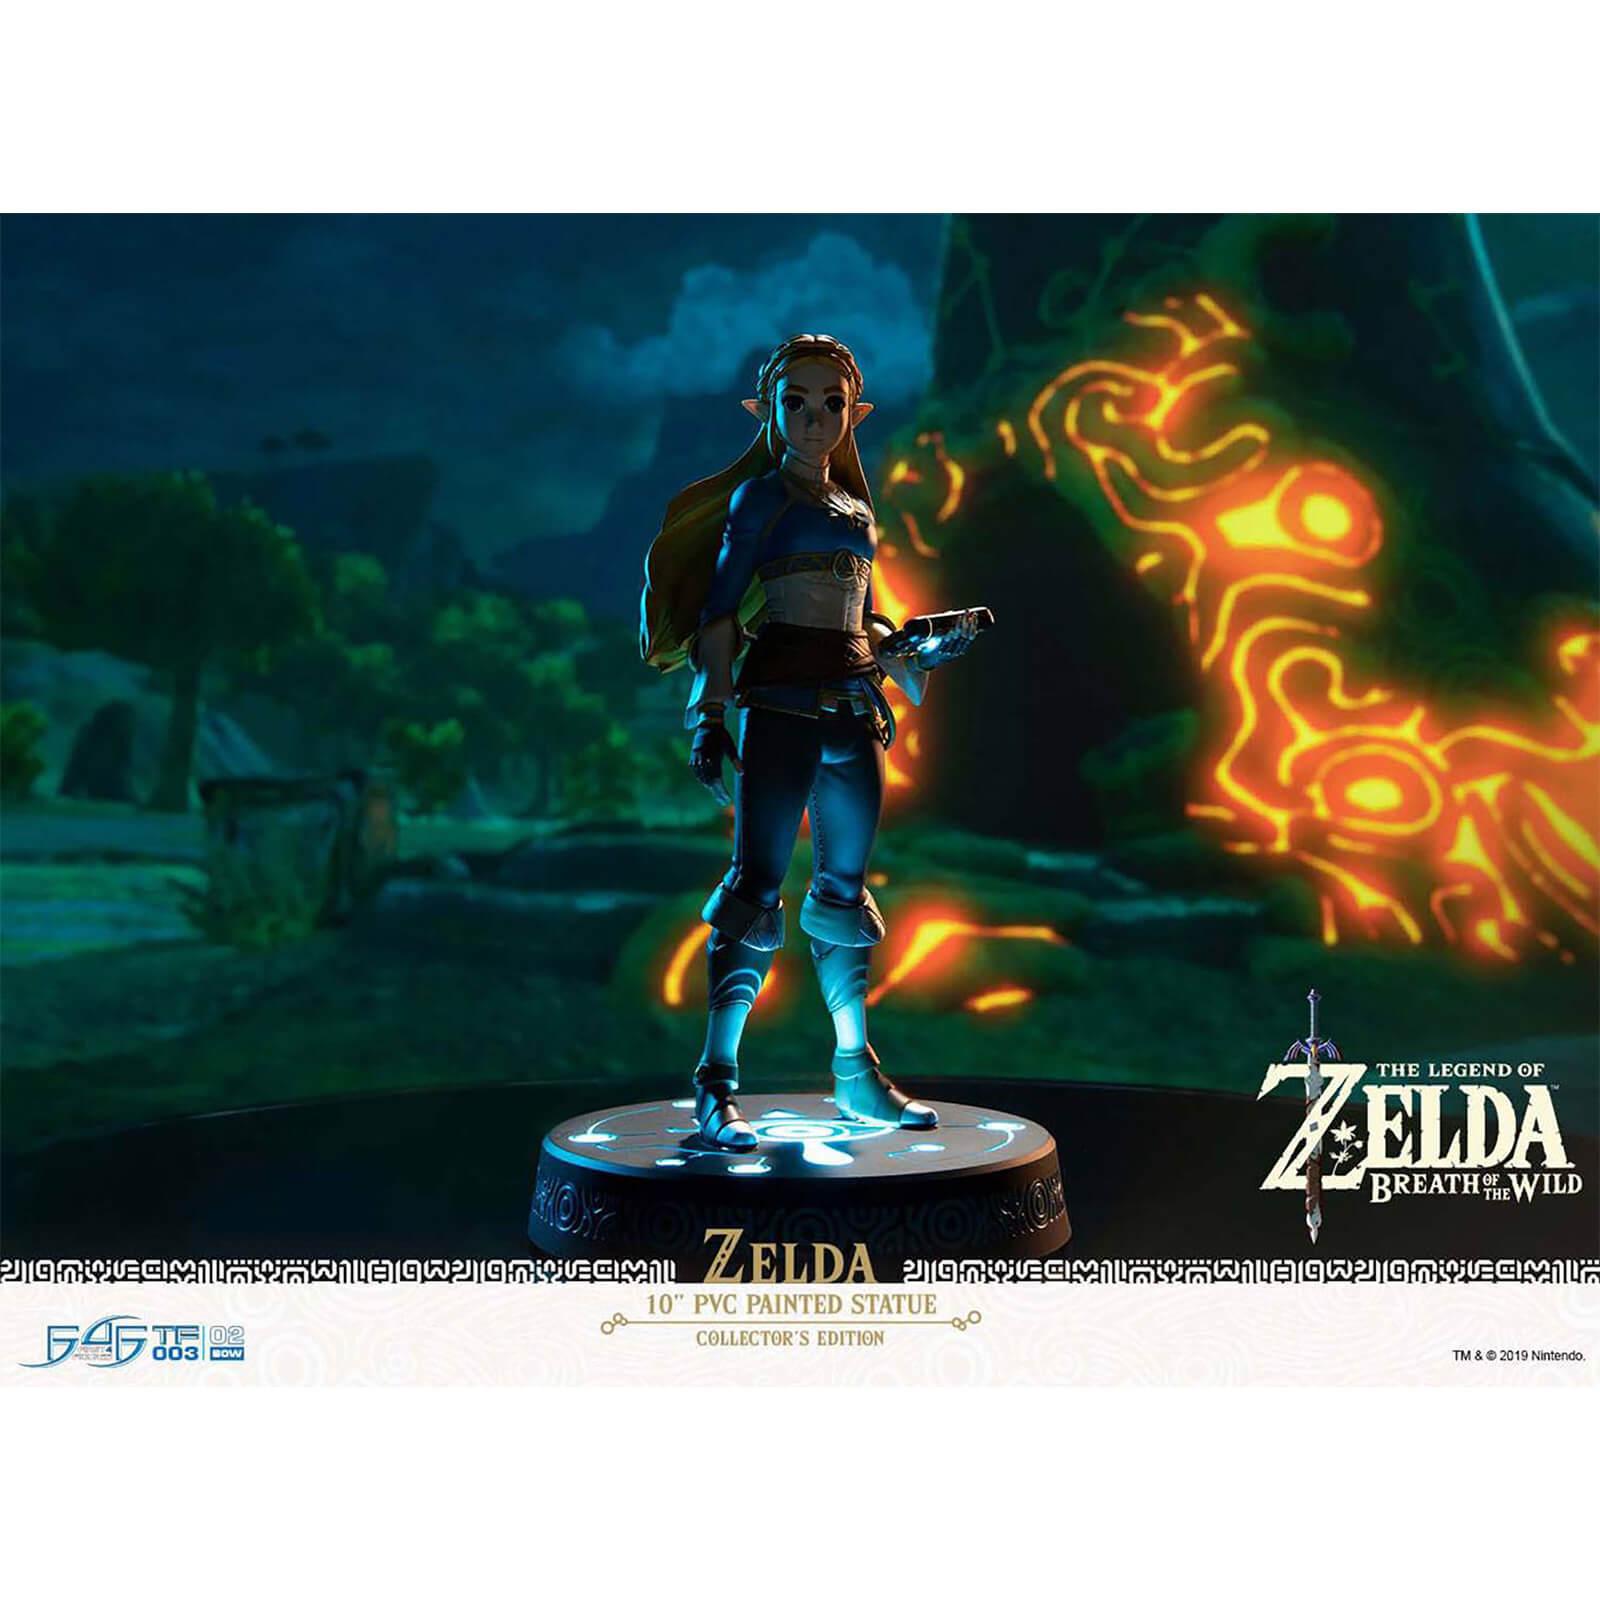 First 4 Figures The Legend Of Zelda: Breath of the Wild Collectors Edition 25cm PVC Figures - Zelda